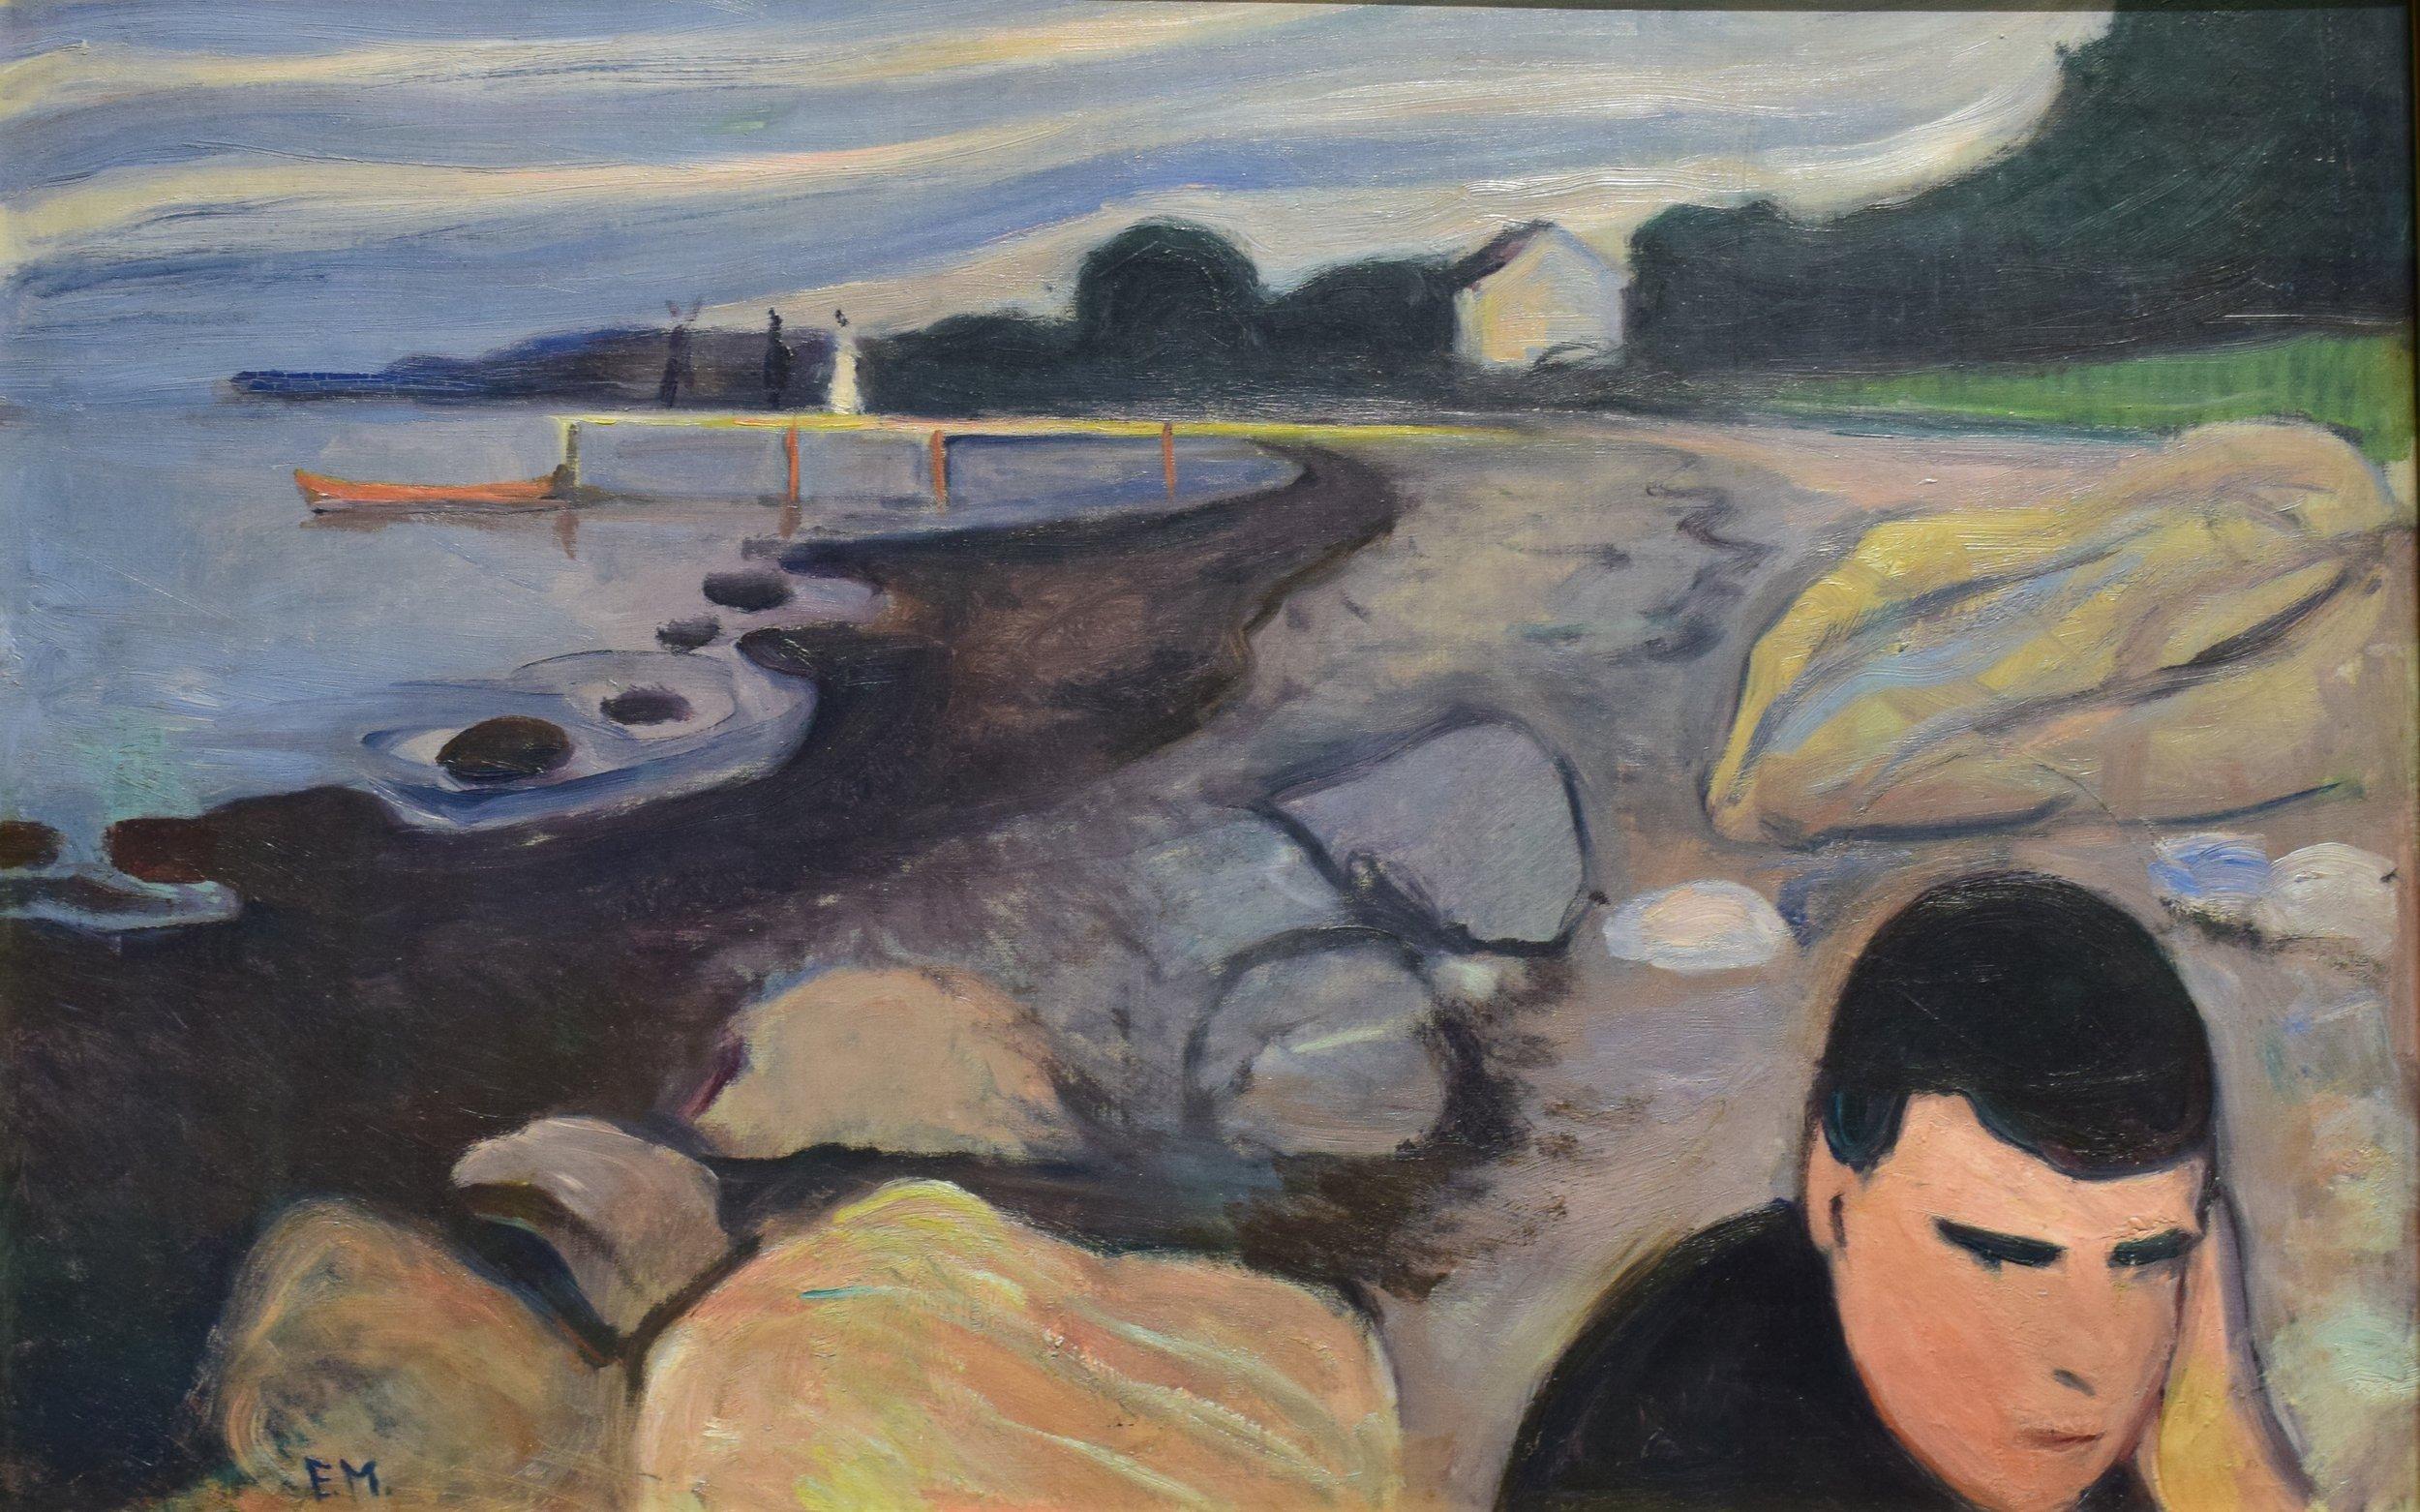 Edvard Munch, Melancholy, 1892, Nasjonalmuseet